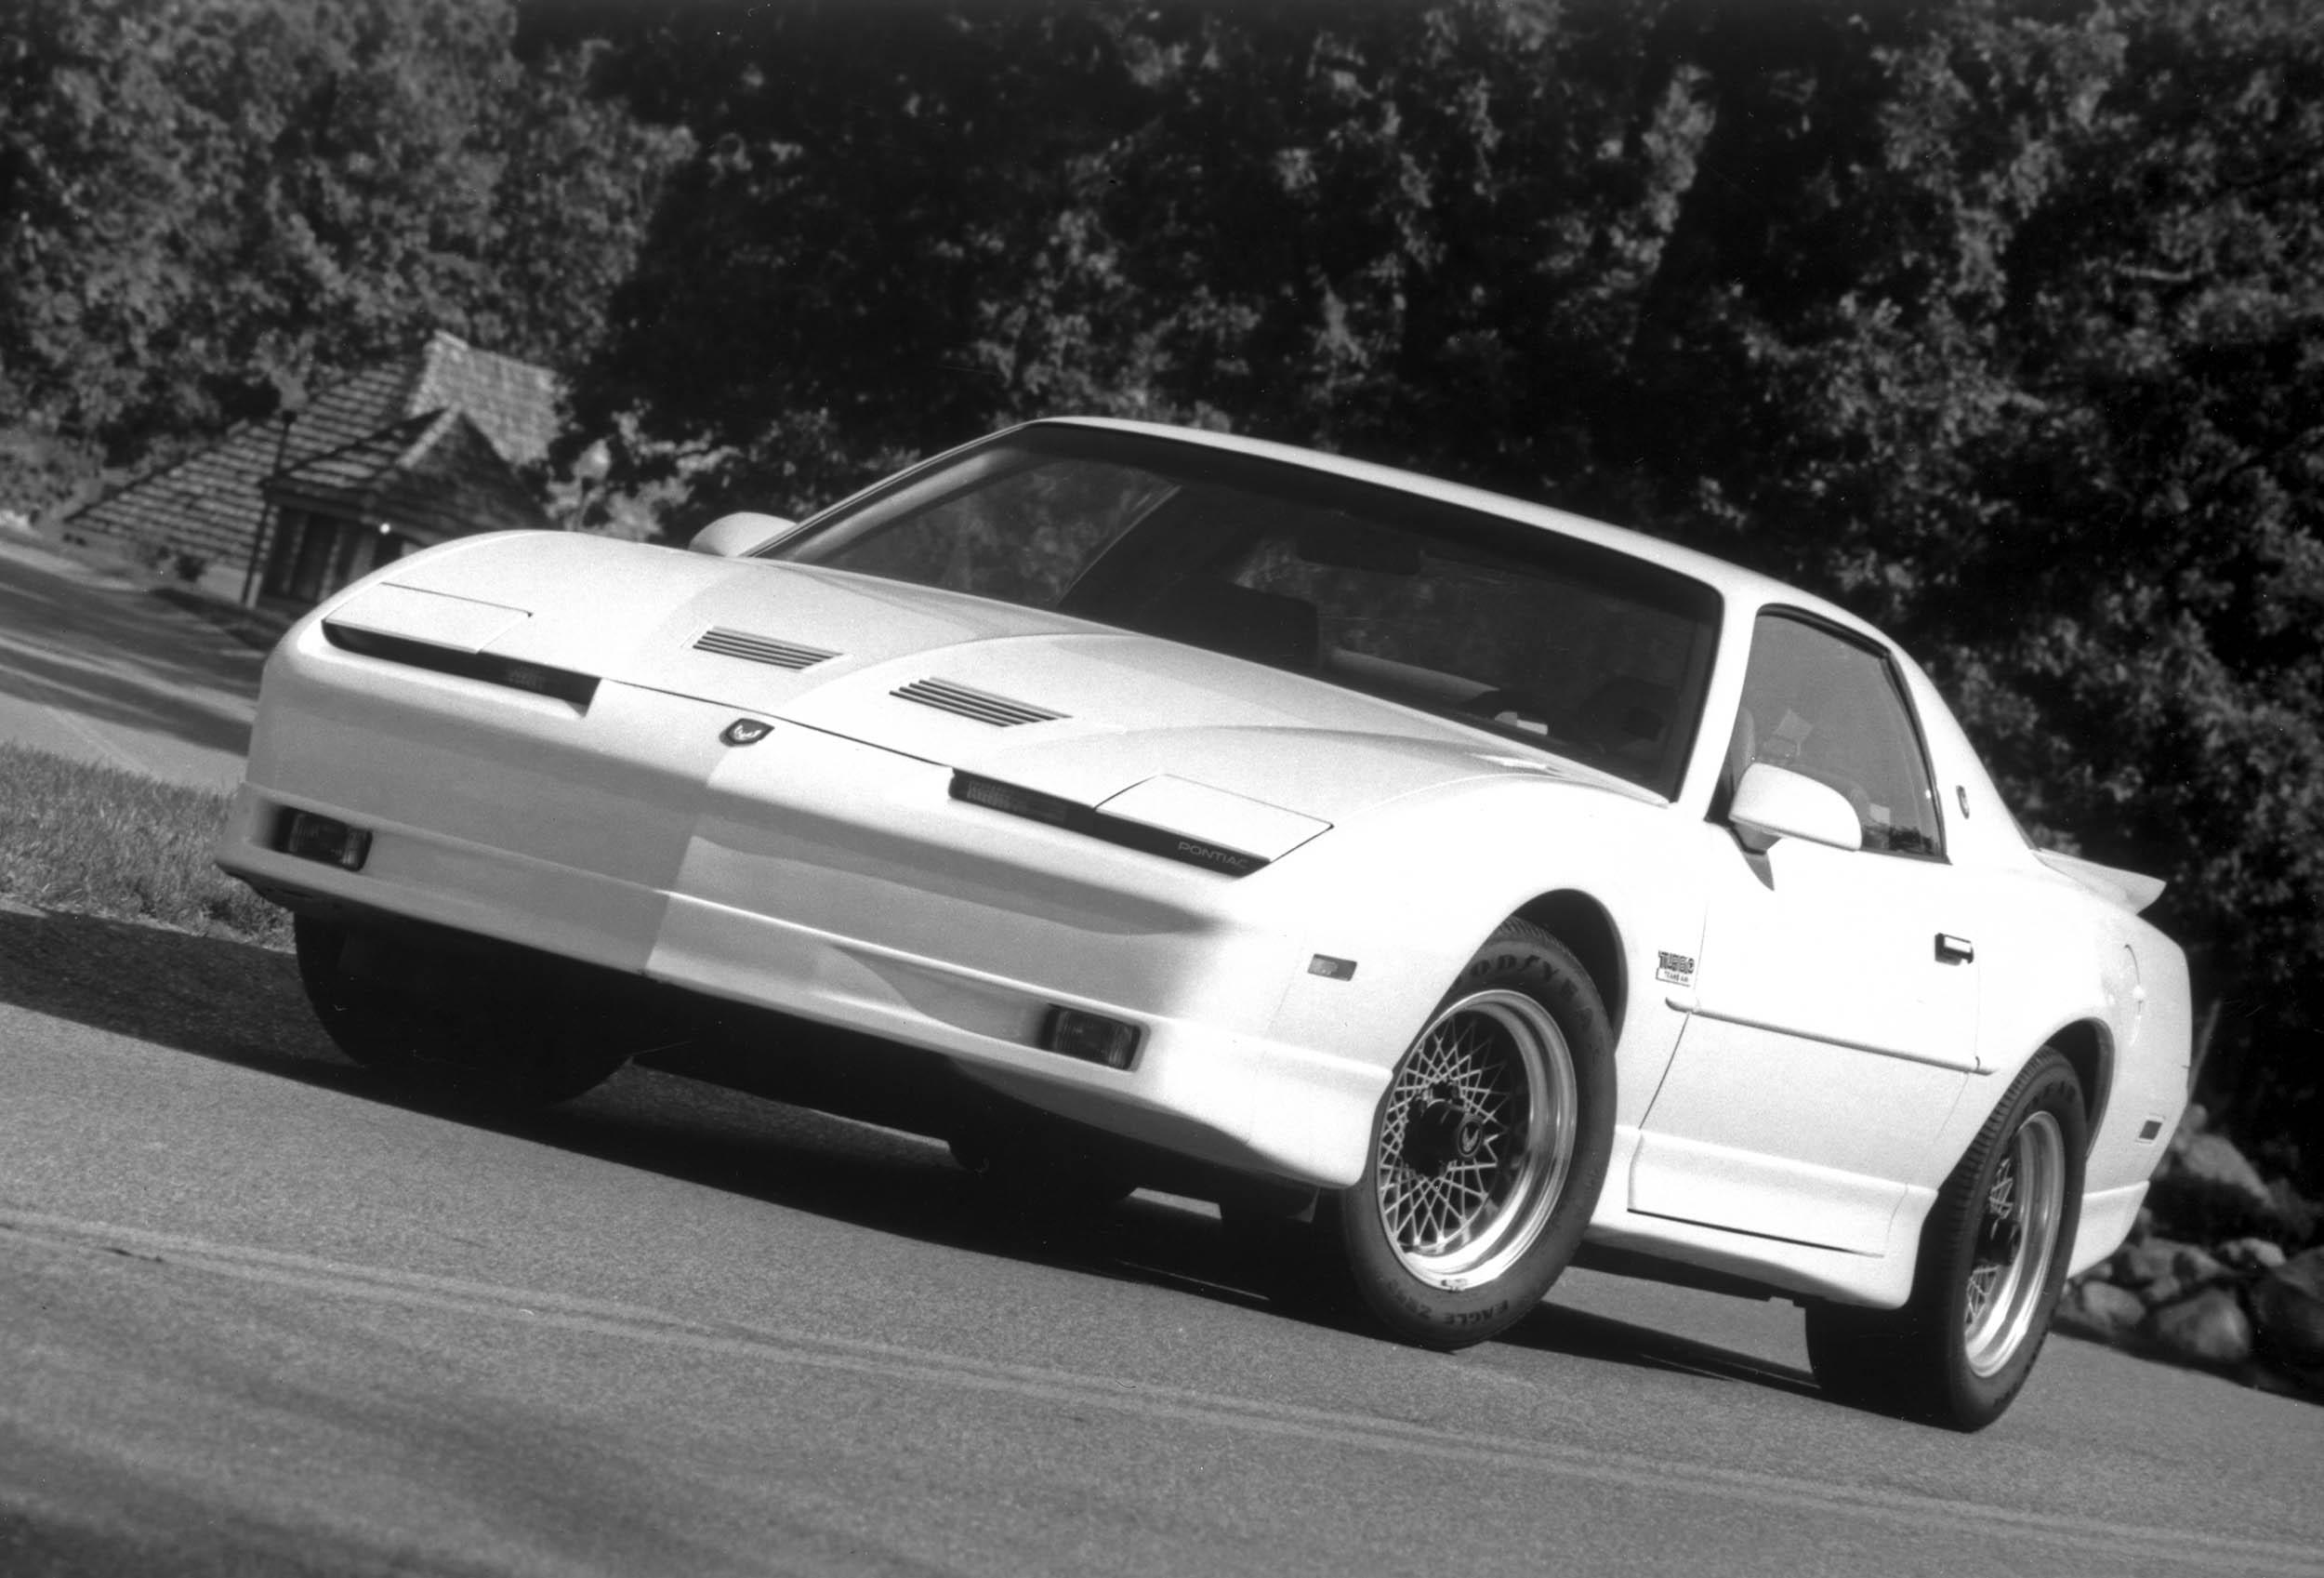 1989 Pontiac 20th Anniversary Turbo Trans Am